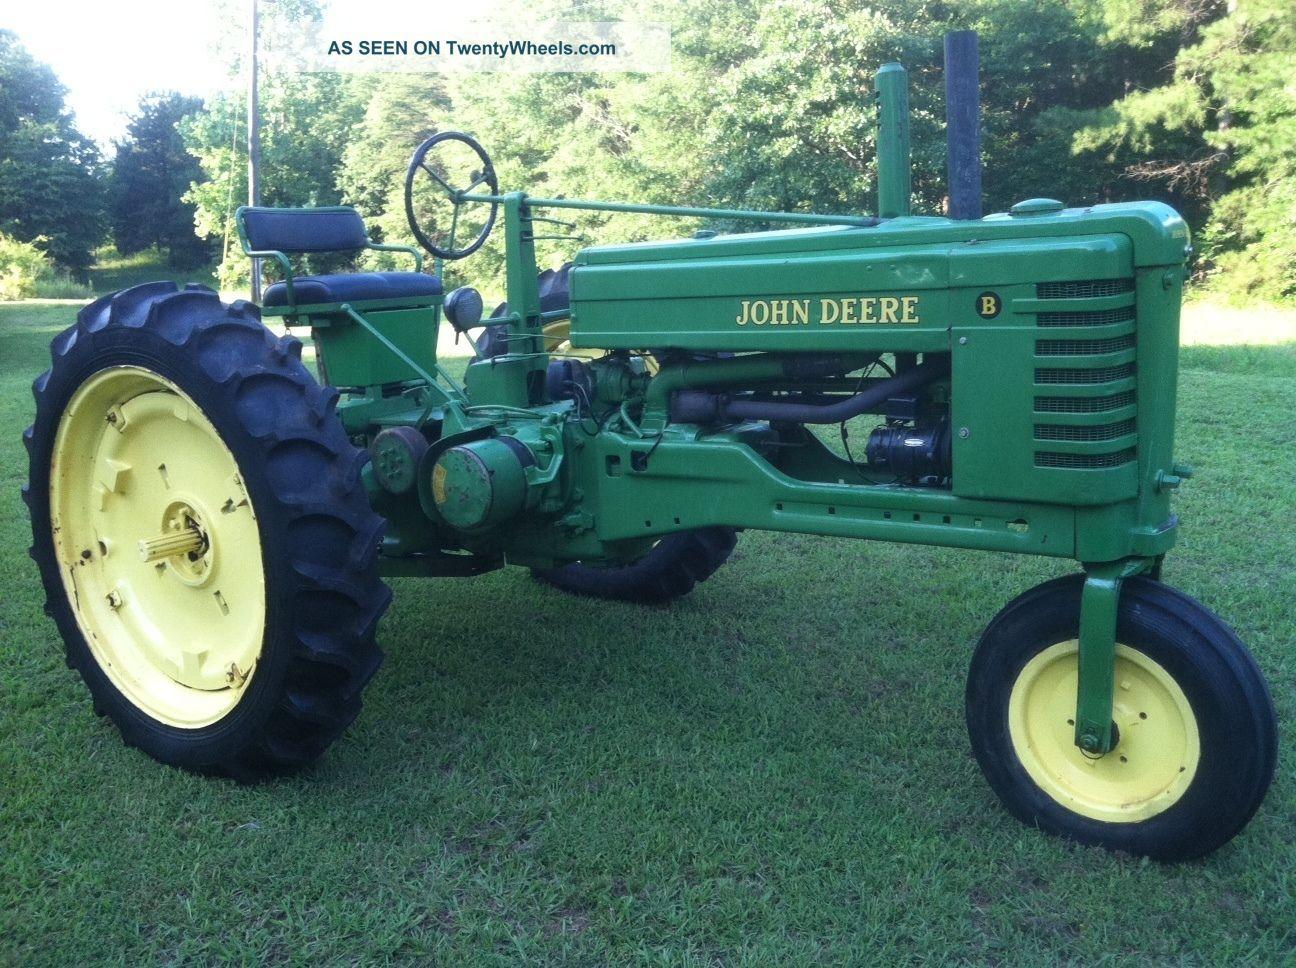 1949 john deere tractor 3 wheel models | 1949 John Deere Farm Tractor B  Model Antique 3 Point Hitch & Pto .